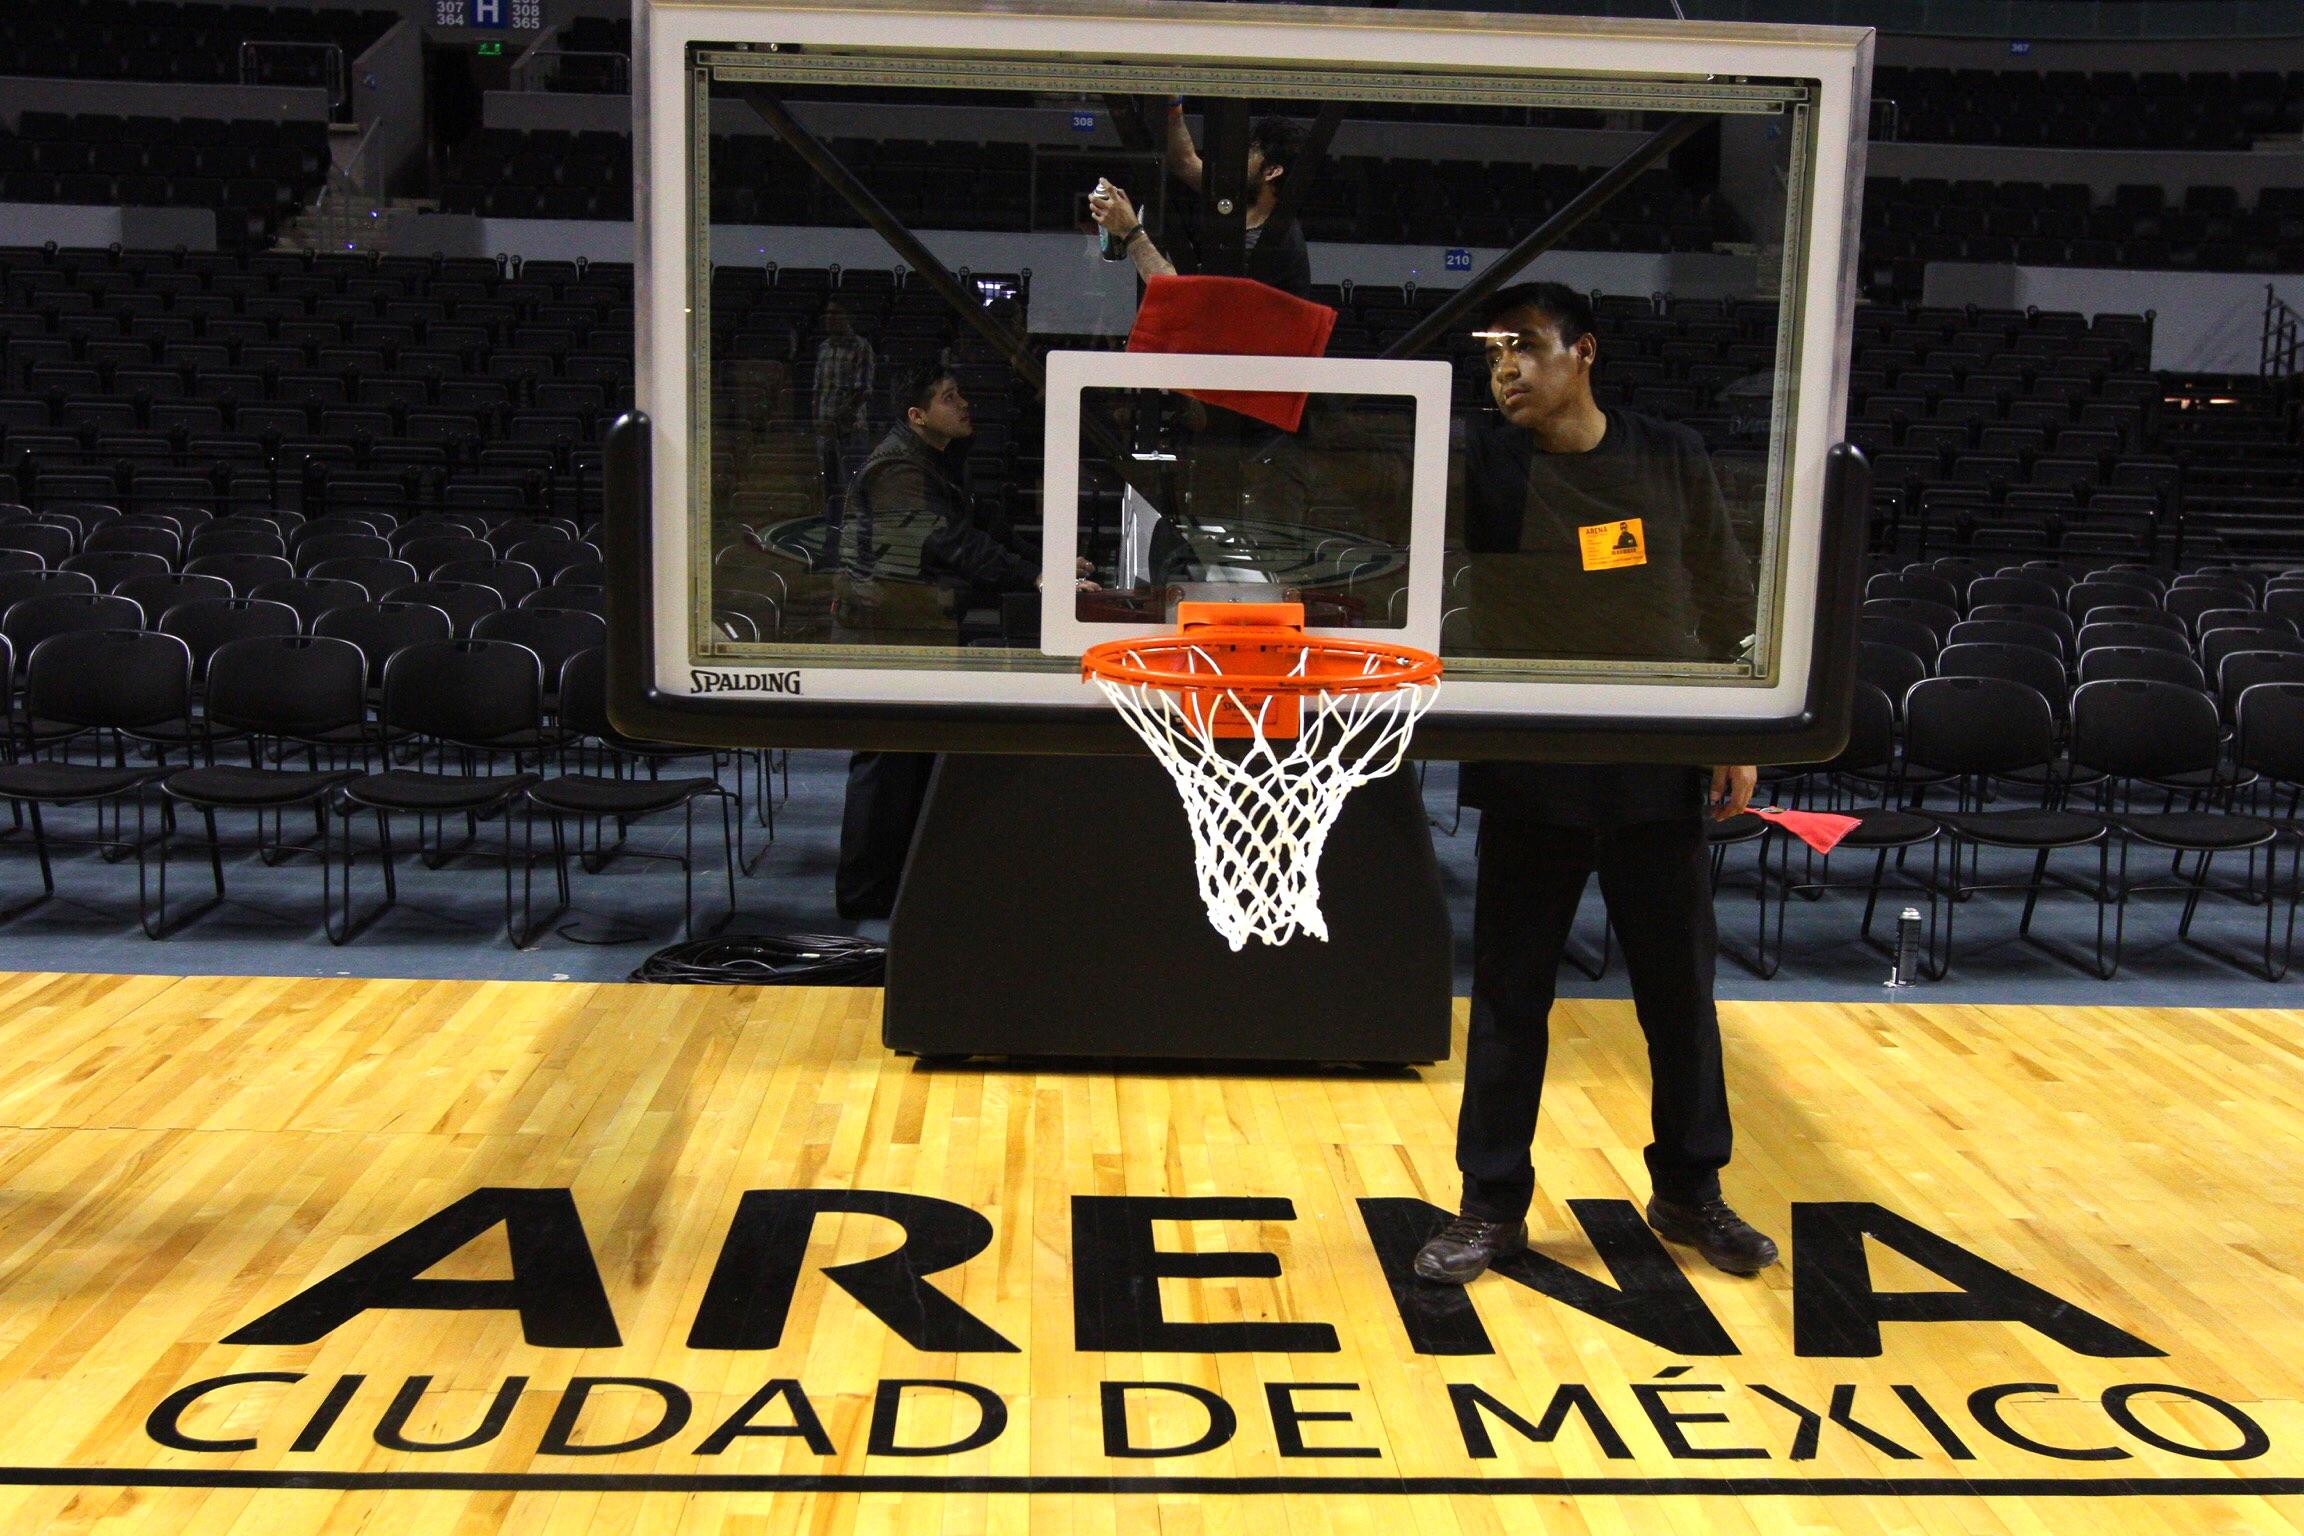 Cuban pide que México tenga un equipo de NBA